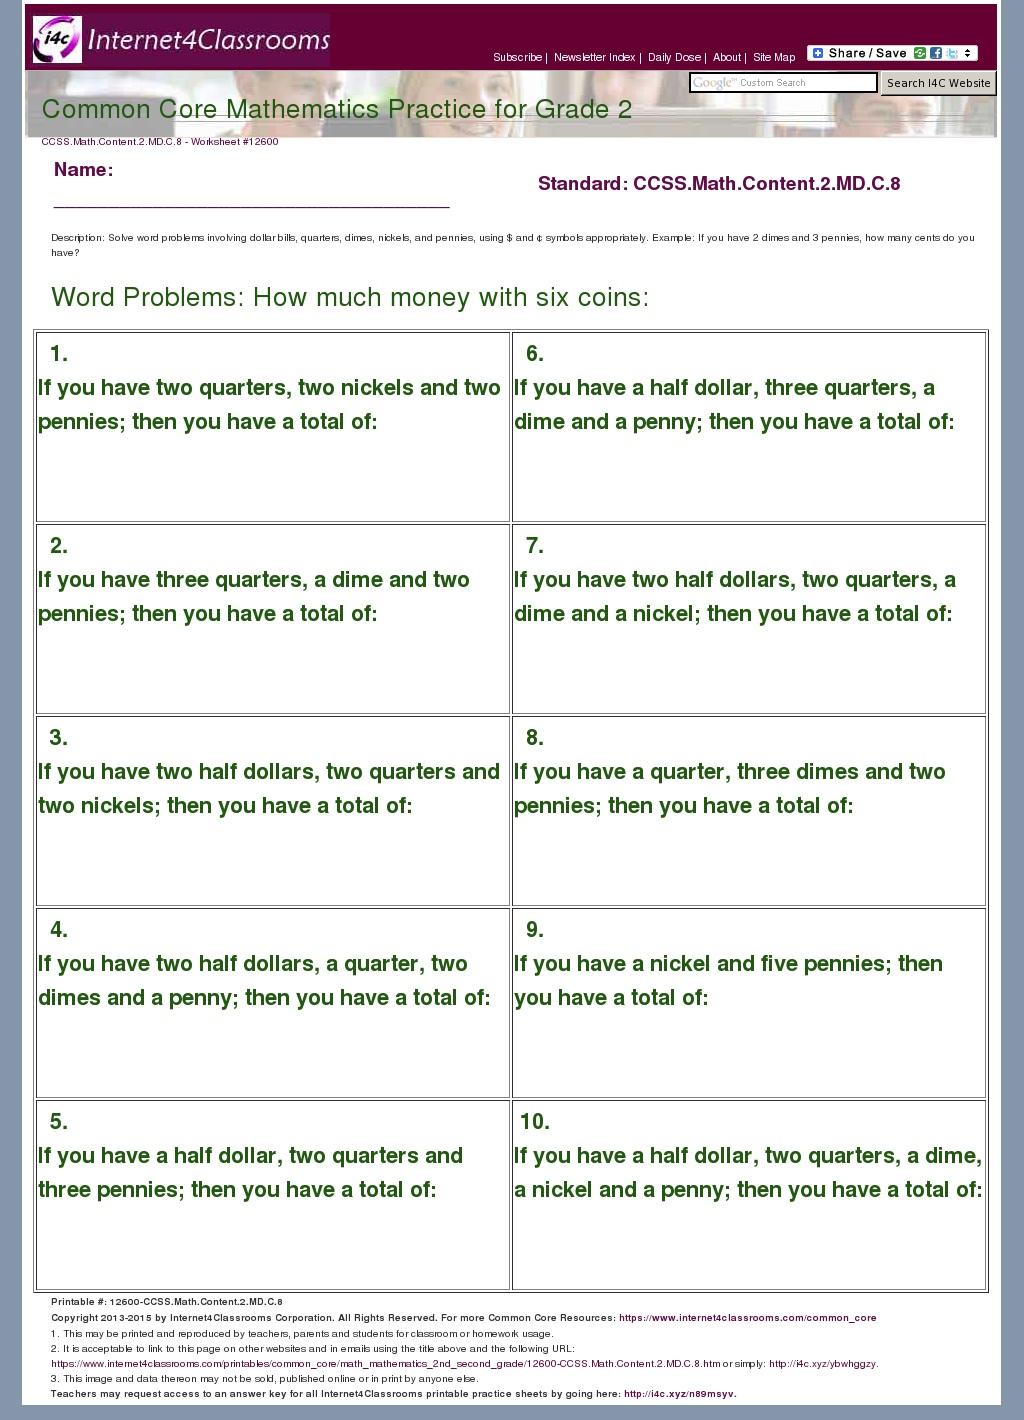 Wheeden Zygmund Homework Solutions